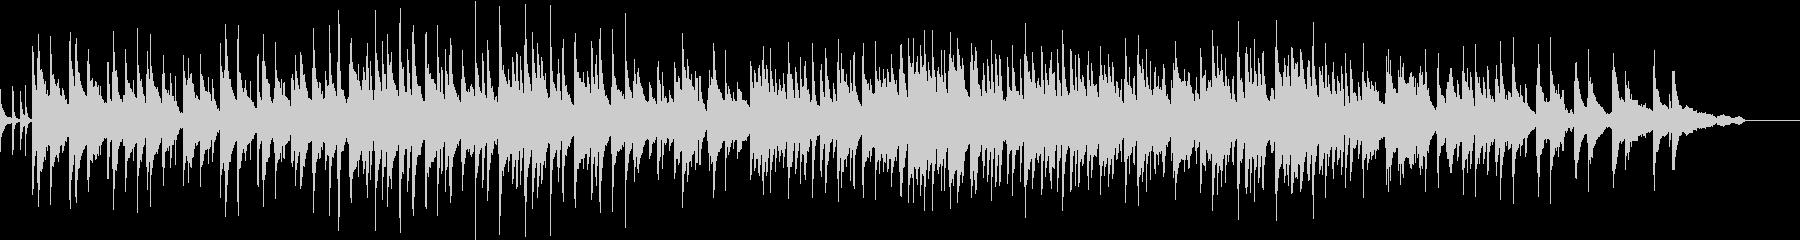 雨の日のピアノトリオの未再生の波形